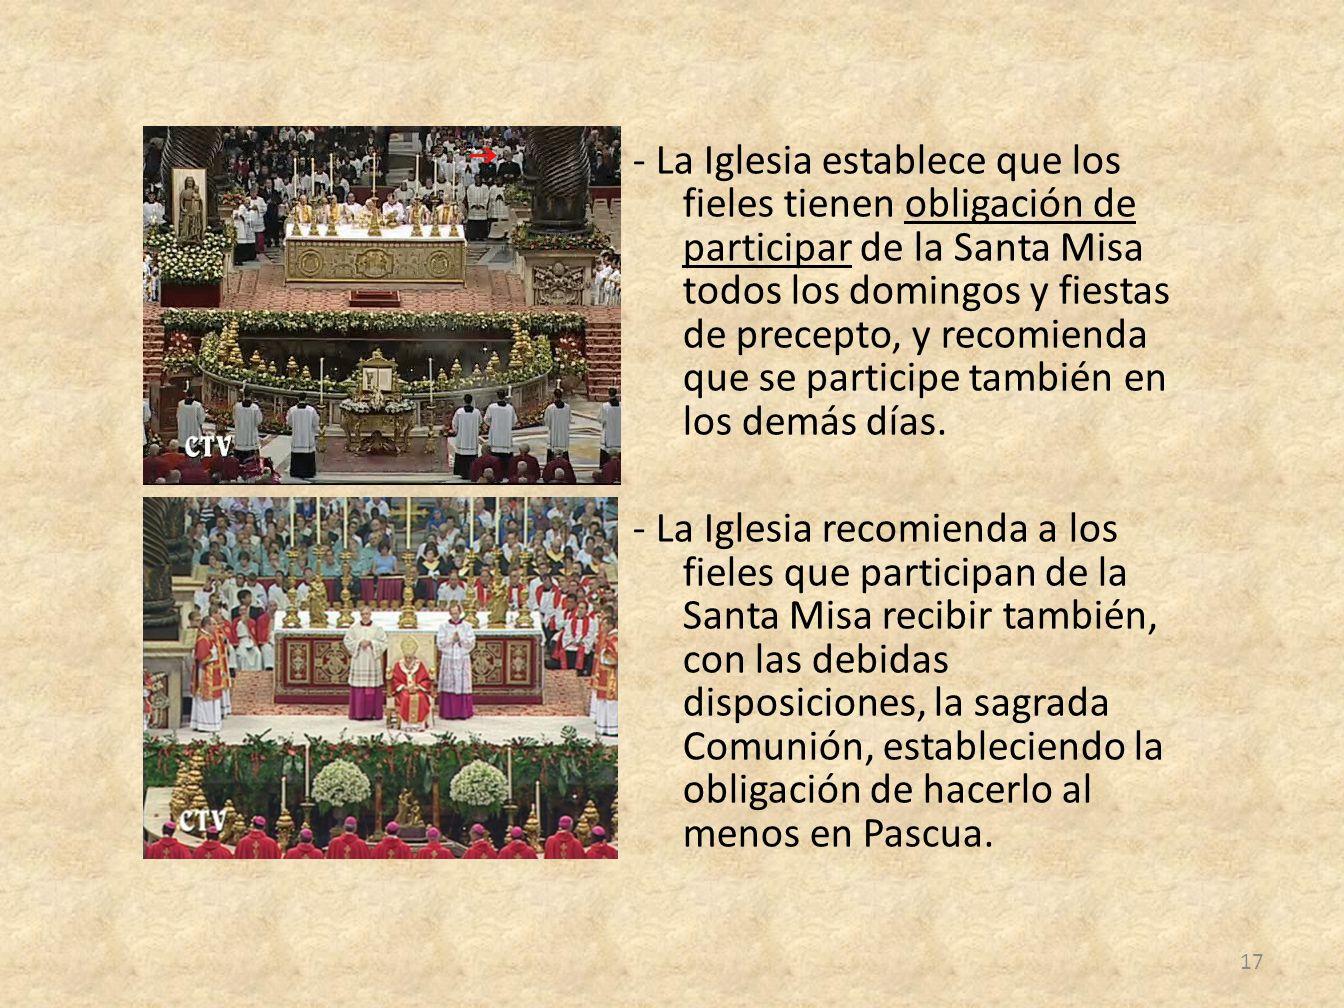 - La Iglesia establece que los fieles tienen obligación de participar de la Santa Misa todos los domingos y fiestas de precepto, y recomienda que se p